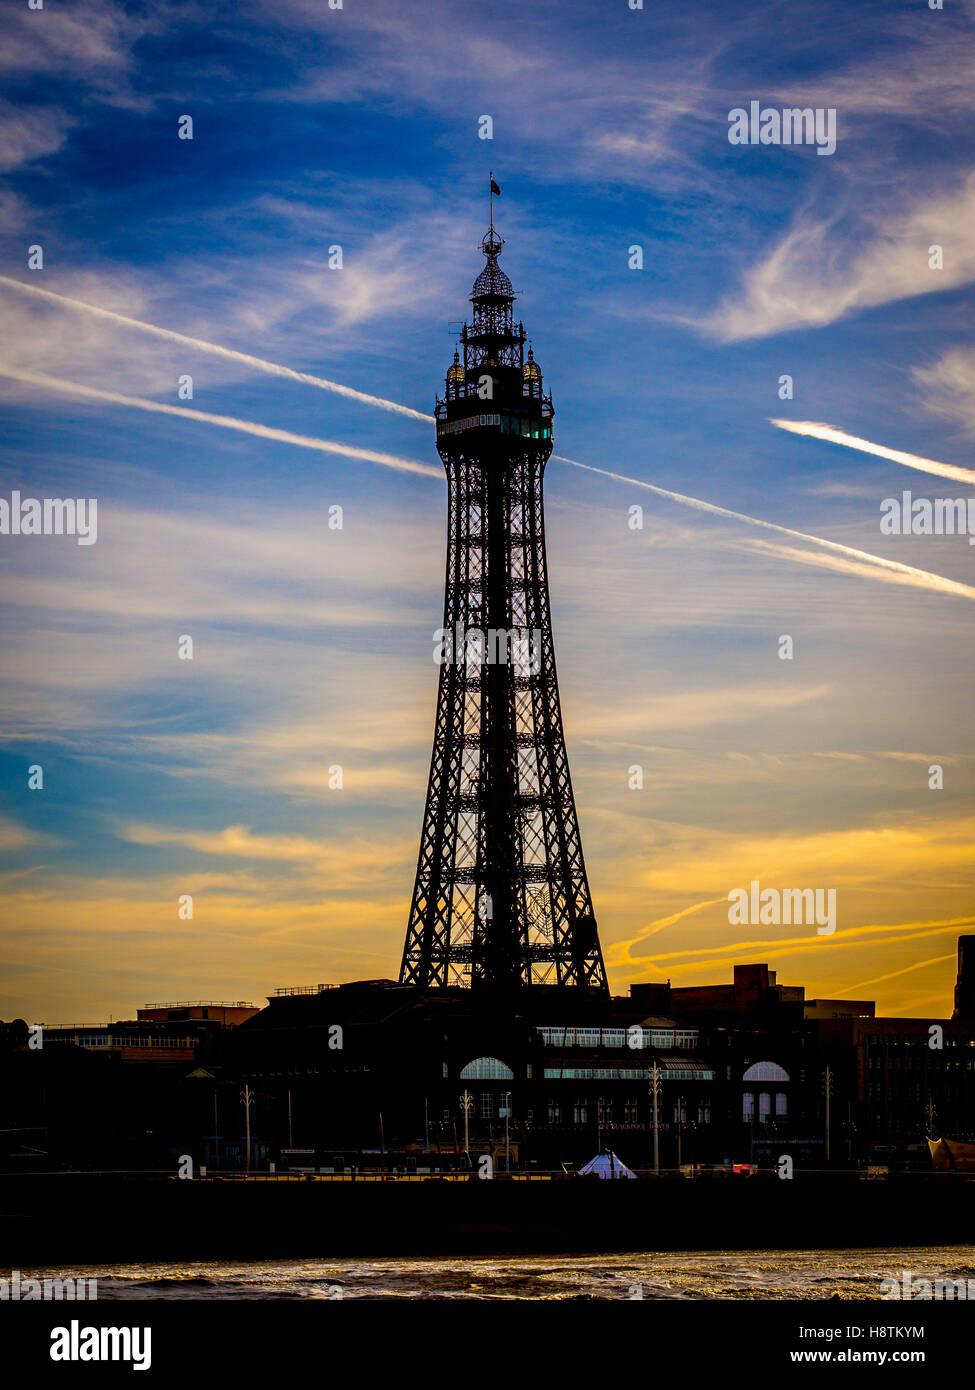 La tour de Blackpool en silhouette contre la lumière du soleil du matin, Blackpool, Lancashire, Royaume-Uni. Photo Stock